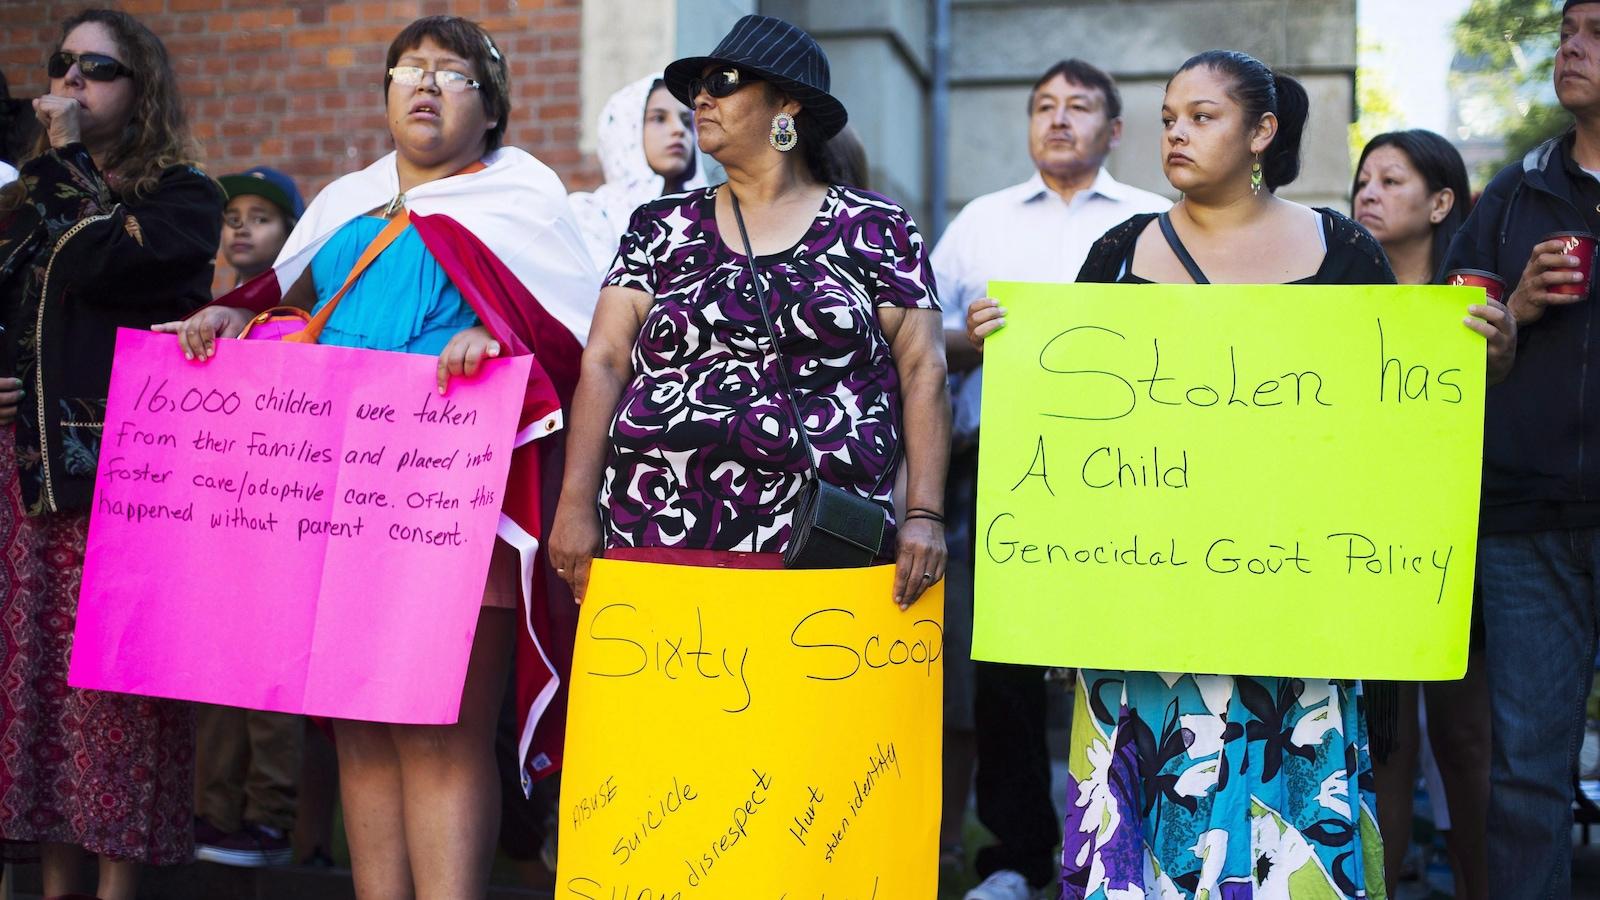 Des manifestants à l'extérieur de la cour en août